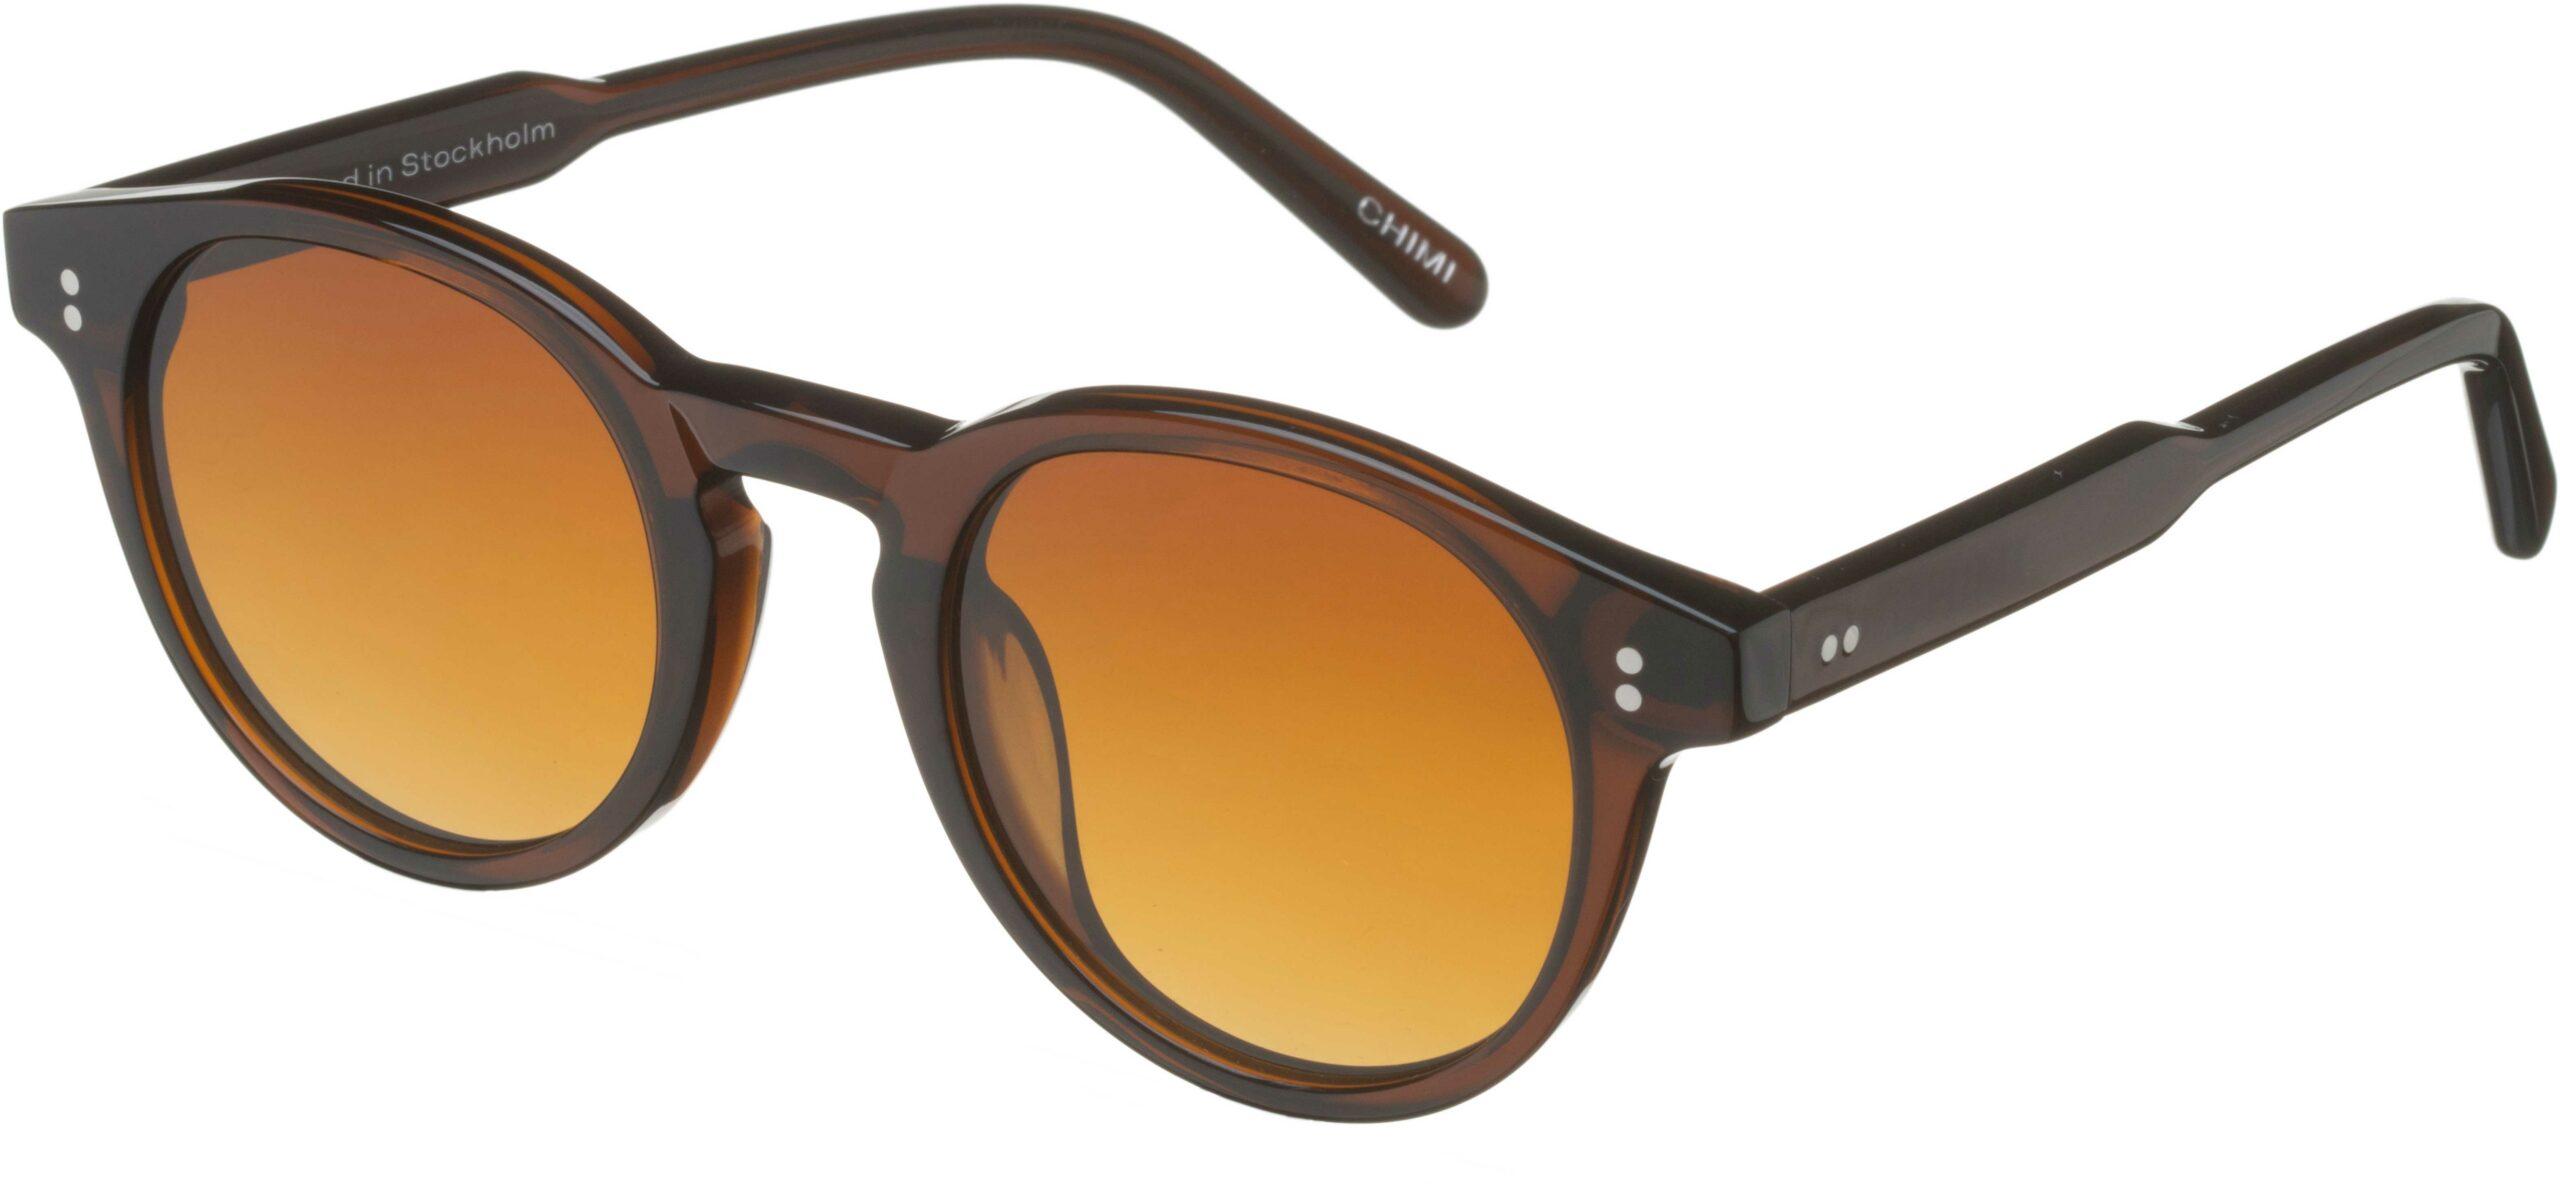 Chimi Eyewear #03 Brown/Gradient Brown | 7340192604253